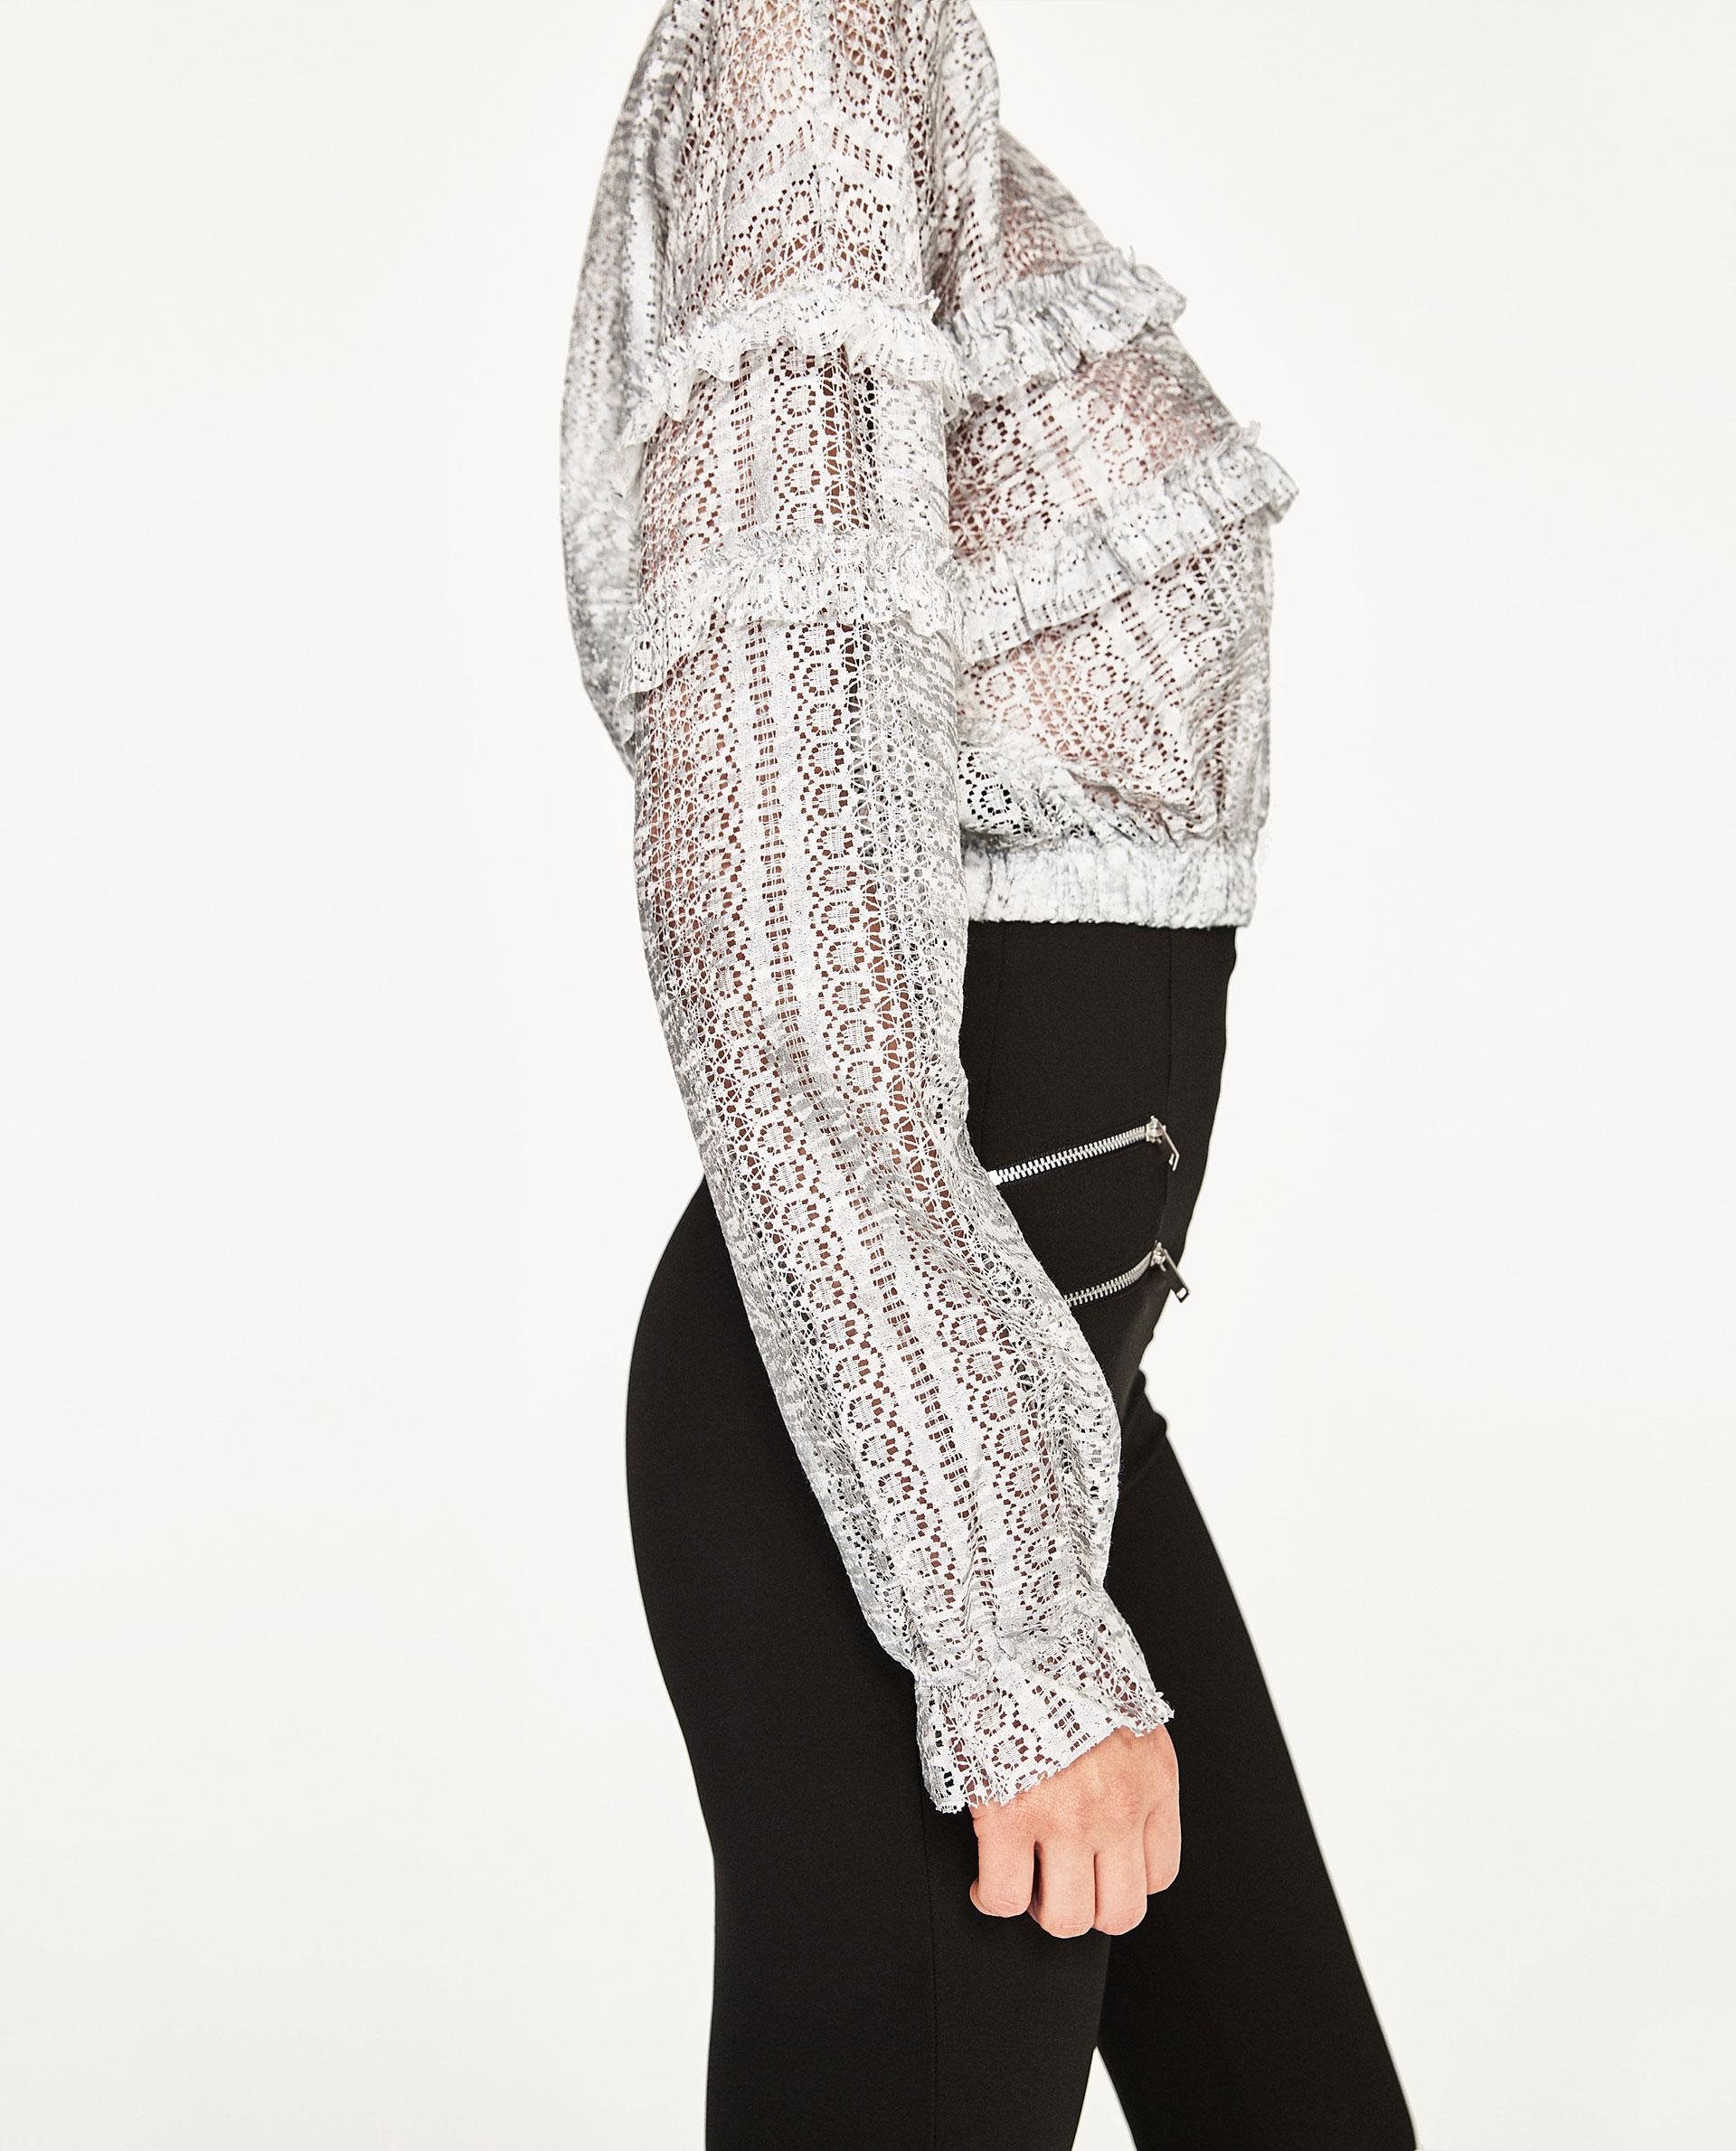 Дантелена блуза ZARA; от 35,95лв. на 19,99лв.